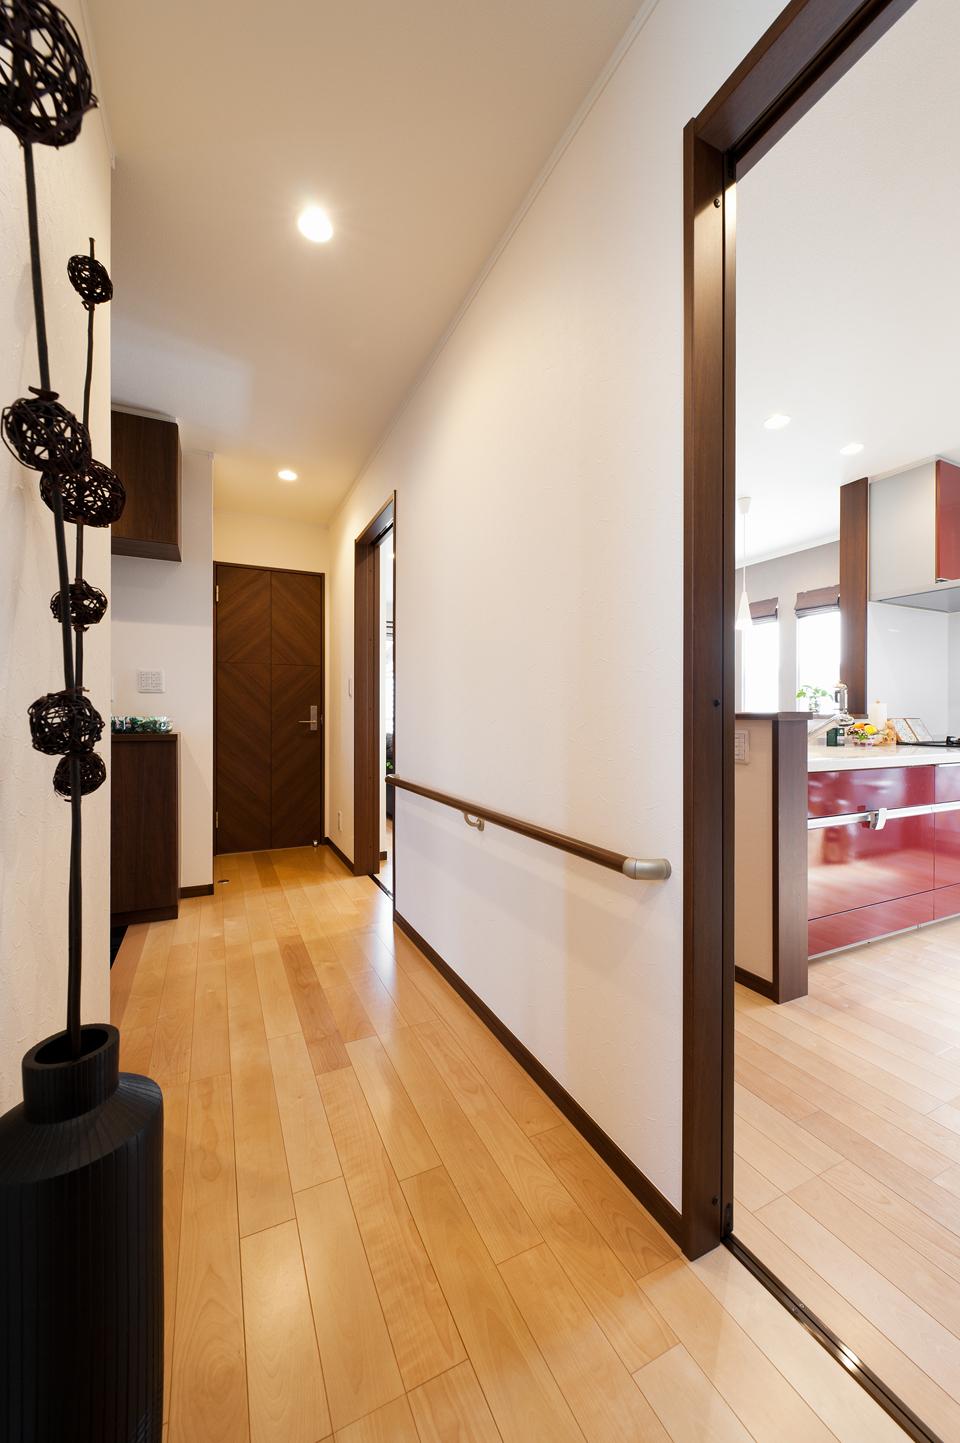 手すりの設置など、バリアフリー設計の廊下・階段